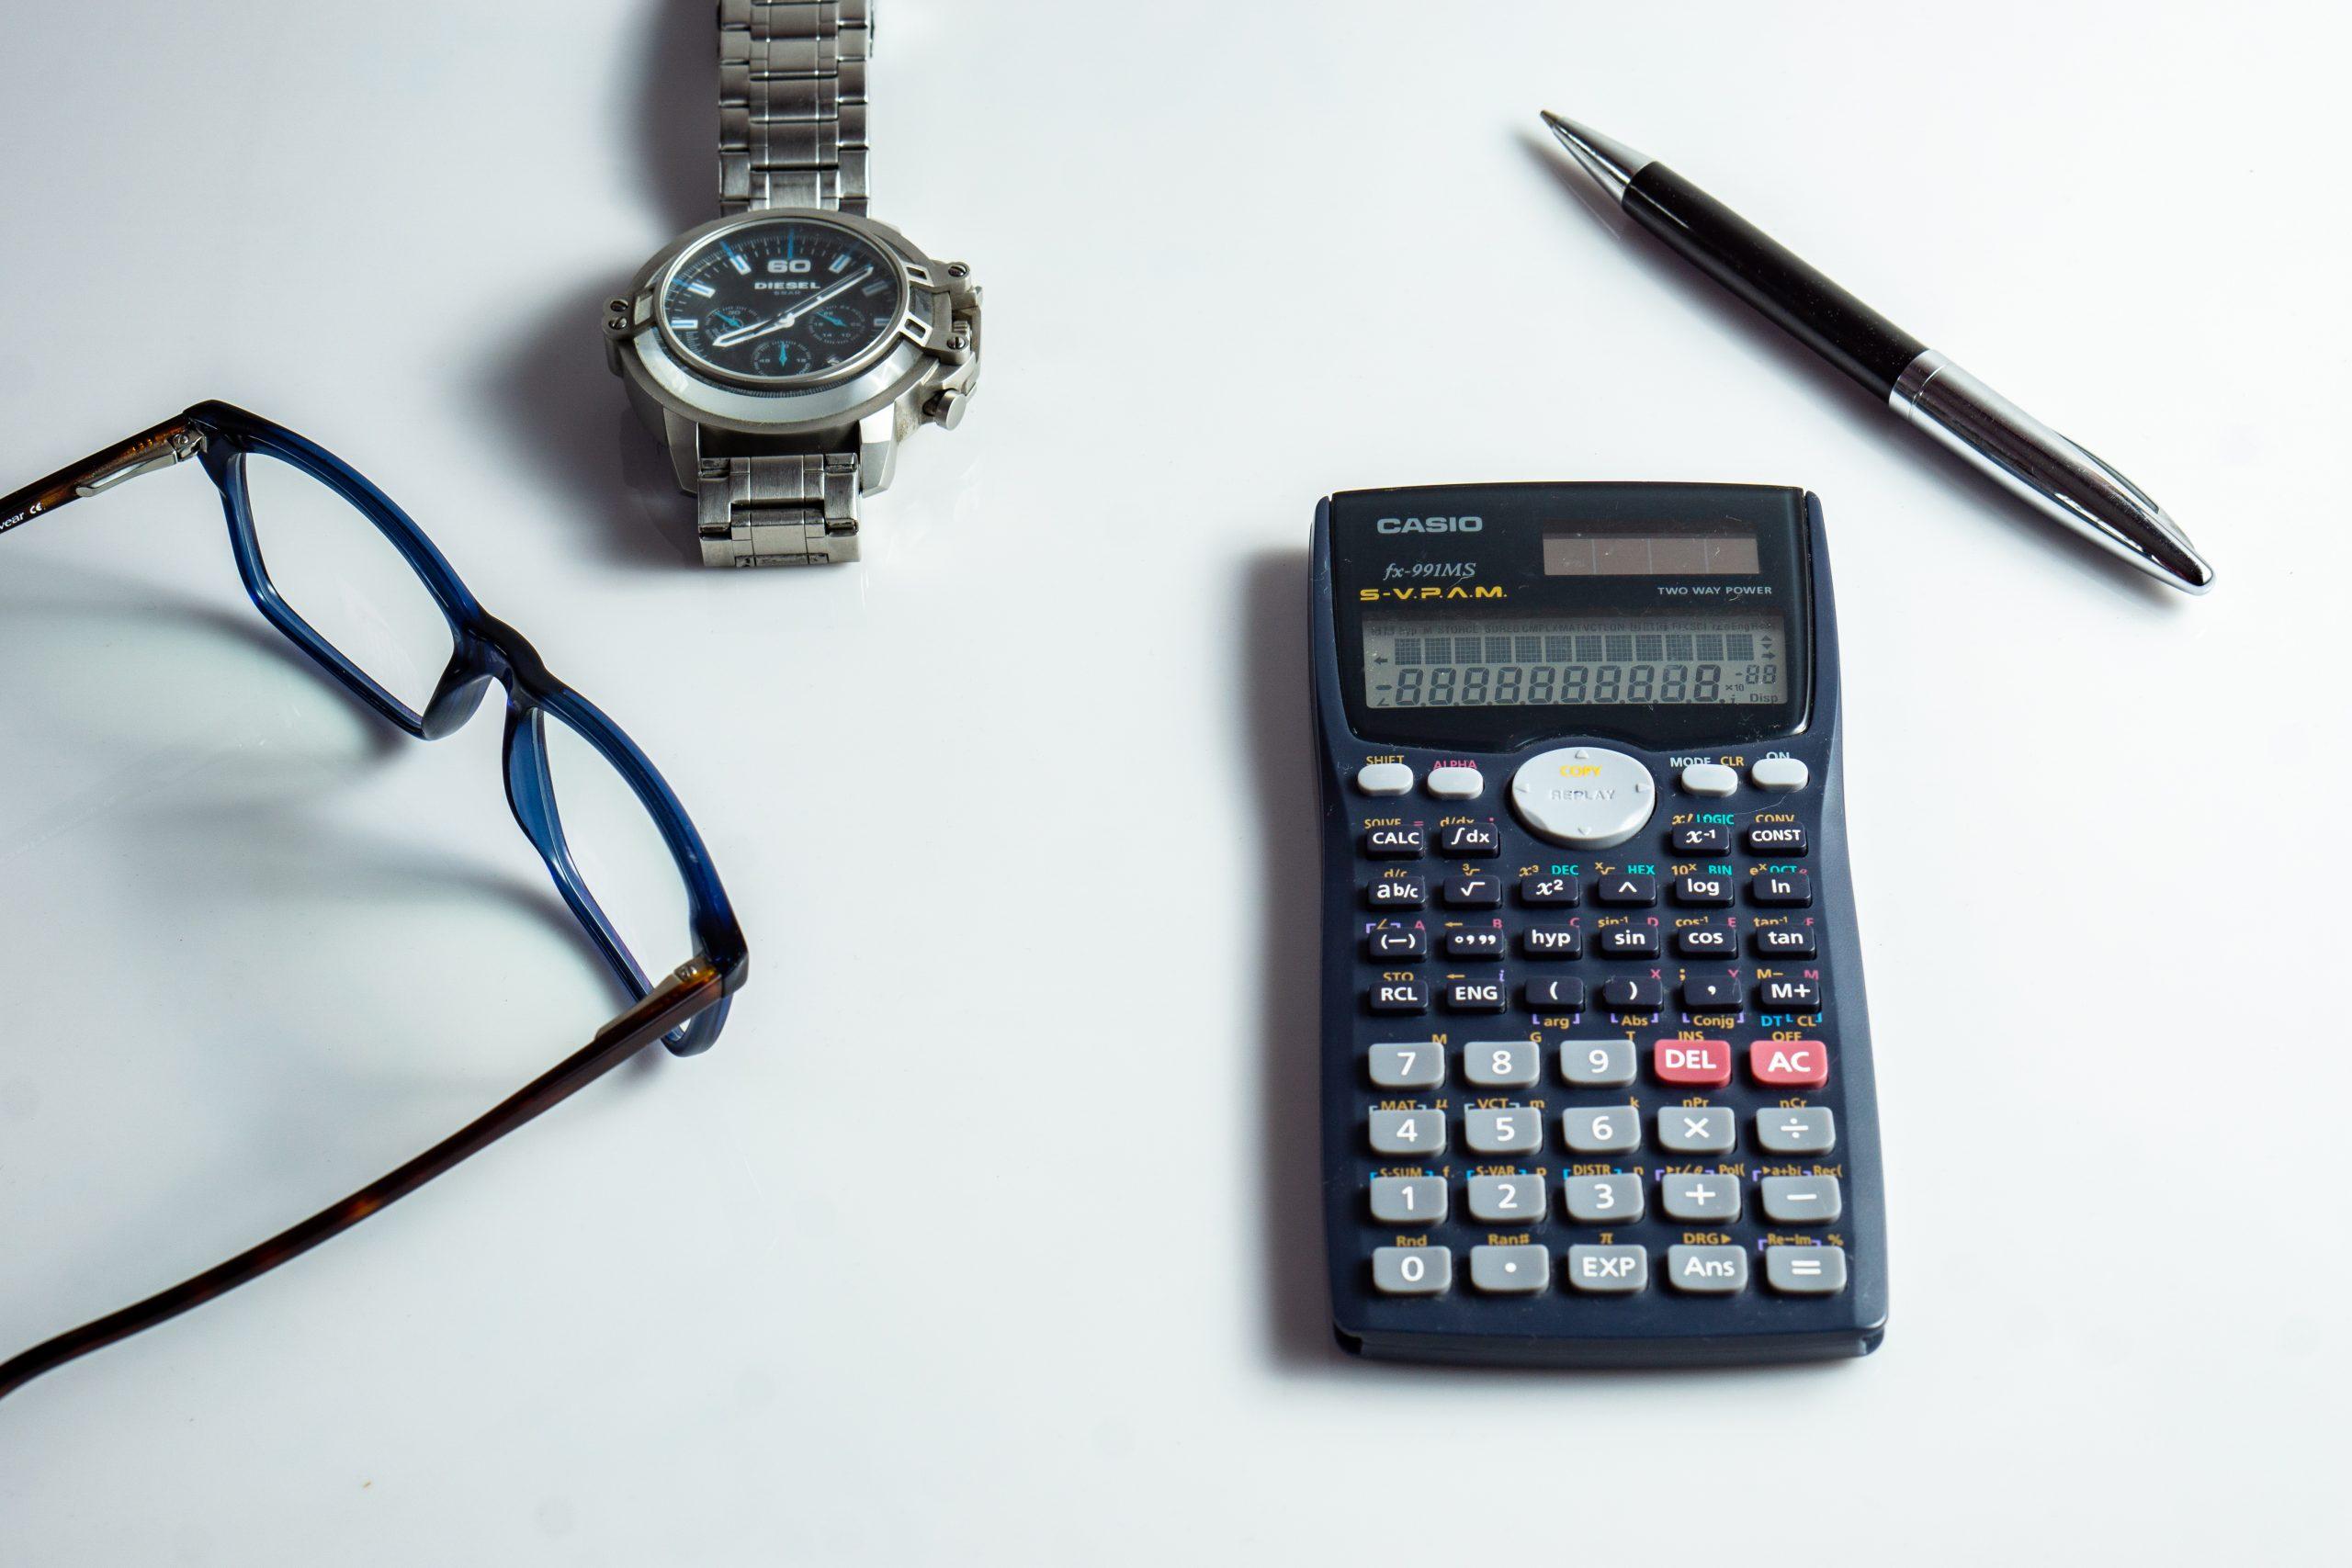 Calculator, specs, pen, watch